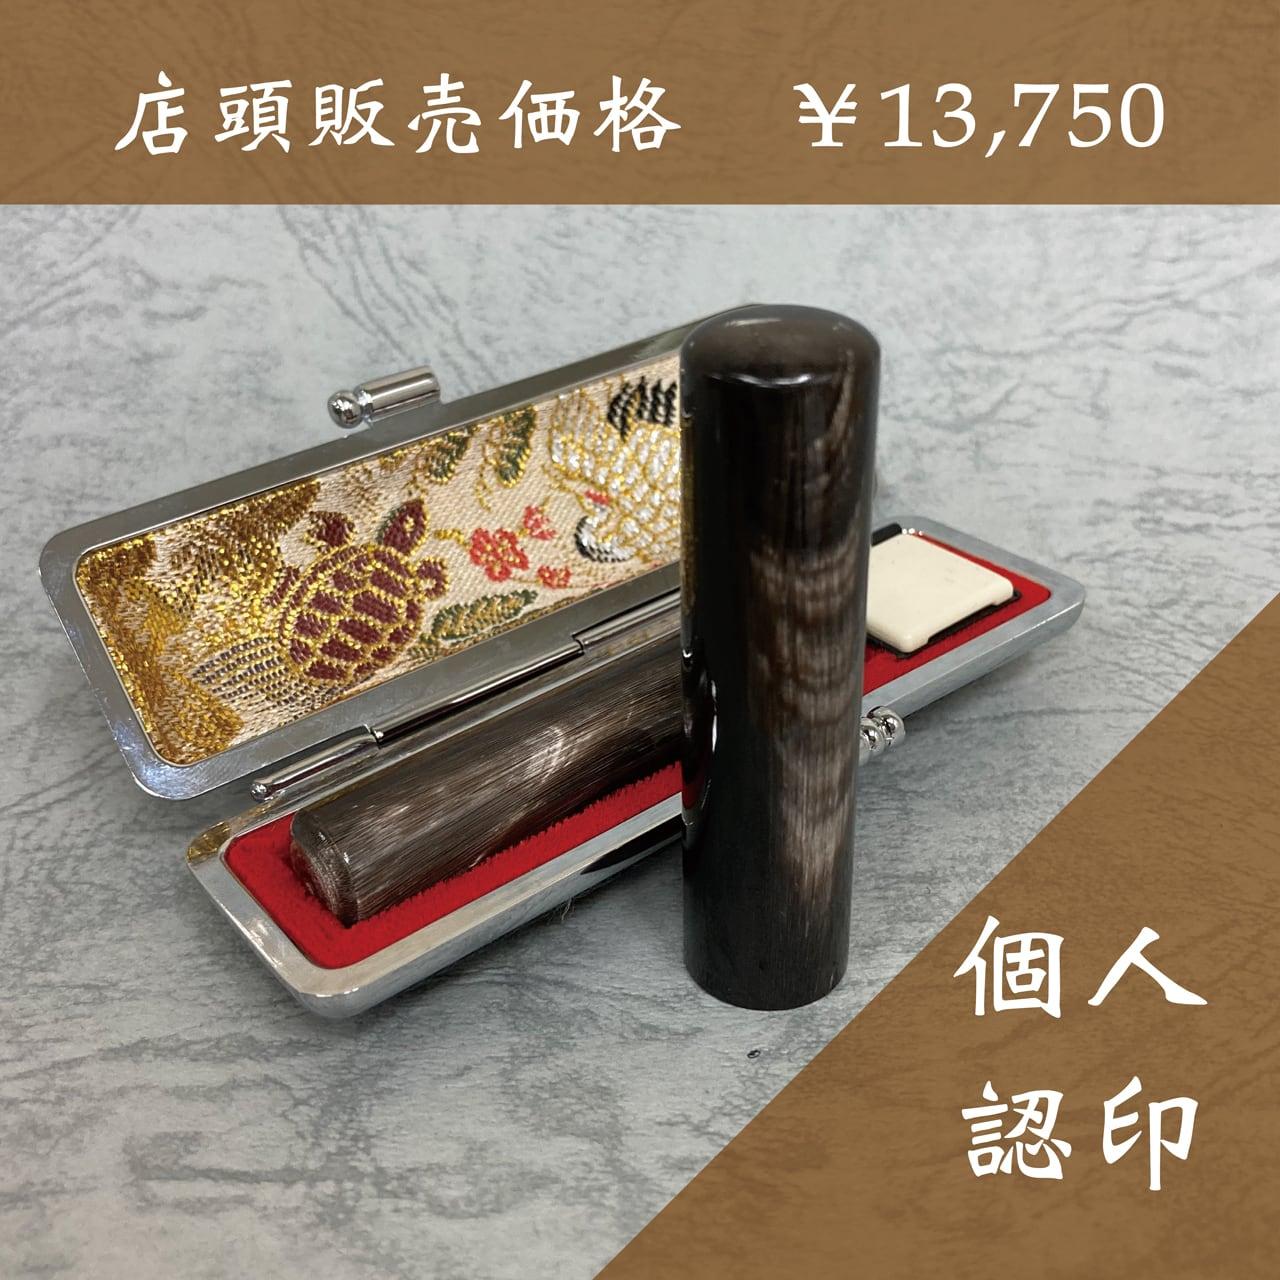 【個人用】認印(12mm)黒水牛ナチュラル